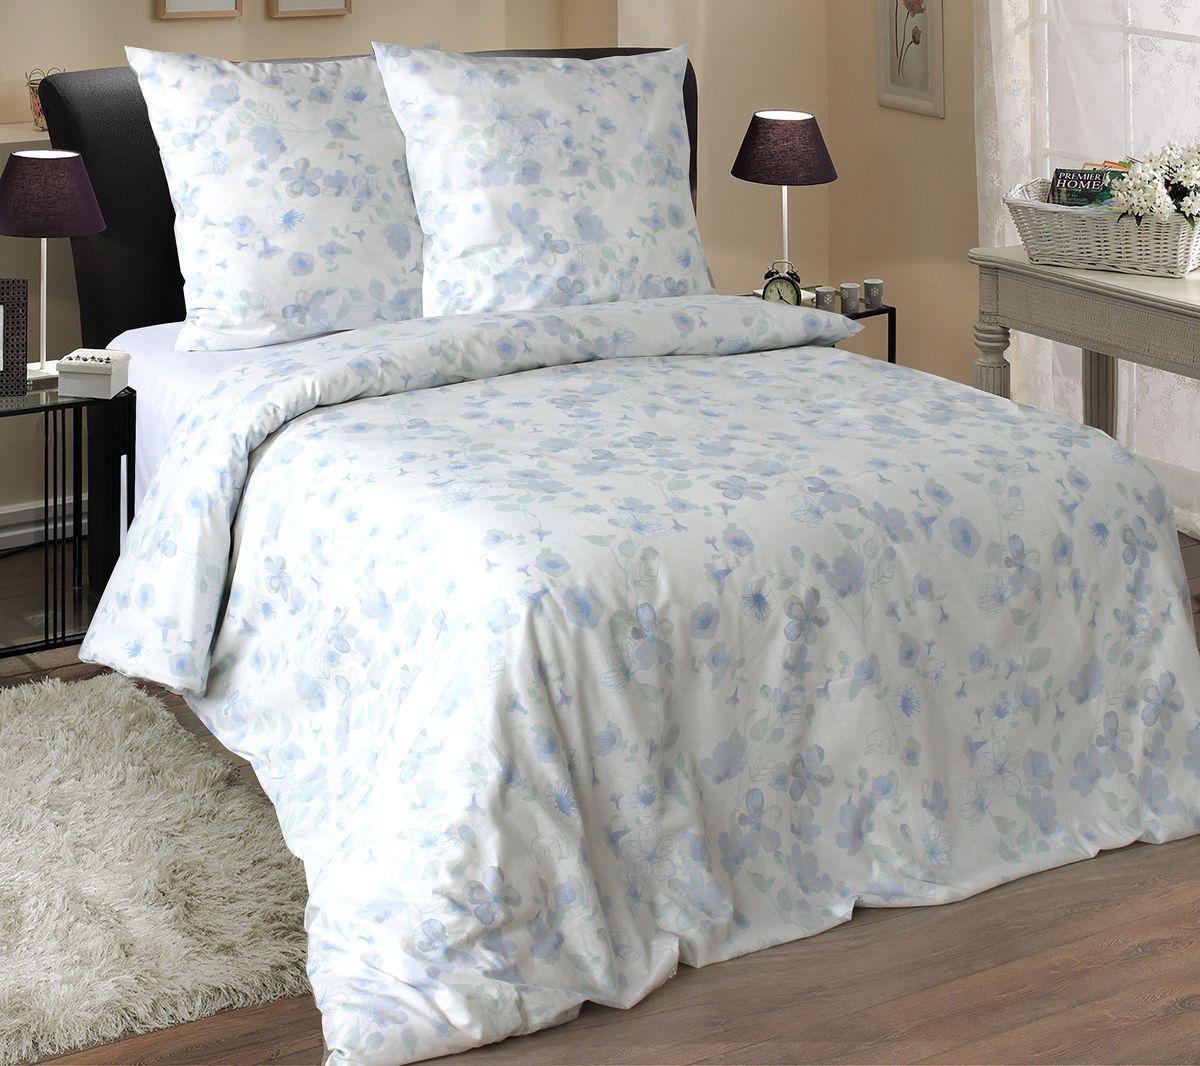 Комплект белья Коллекция Эмили, 2-спальный, наволочки 50x70. БК2/50/ОЗ/эмиБК2/50/ОЗ/эми